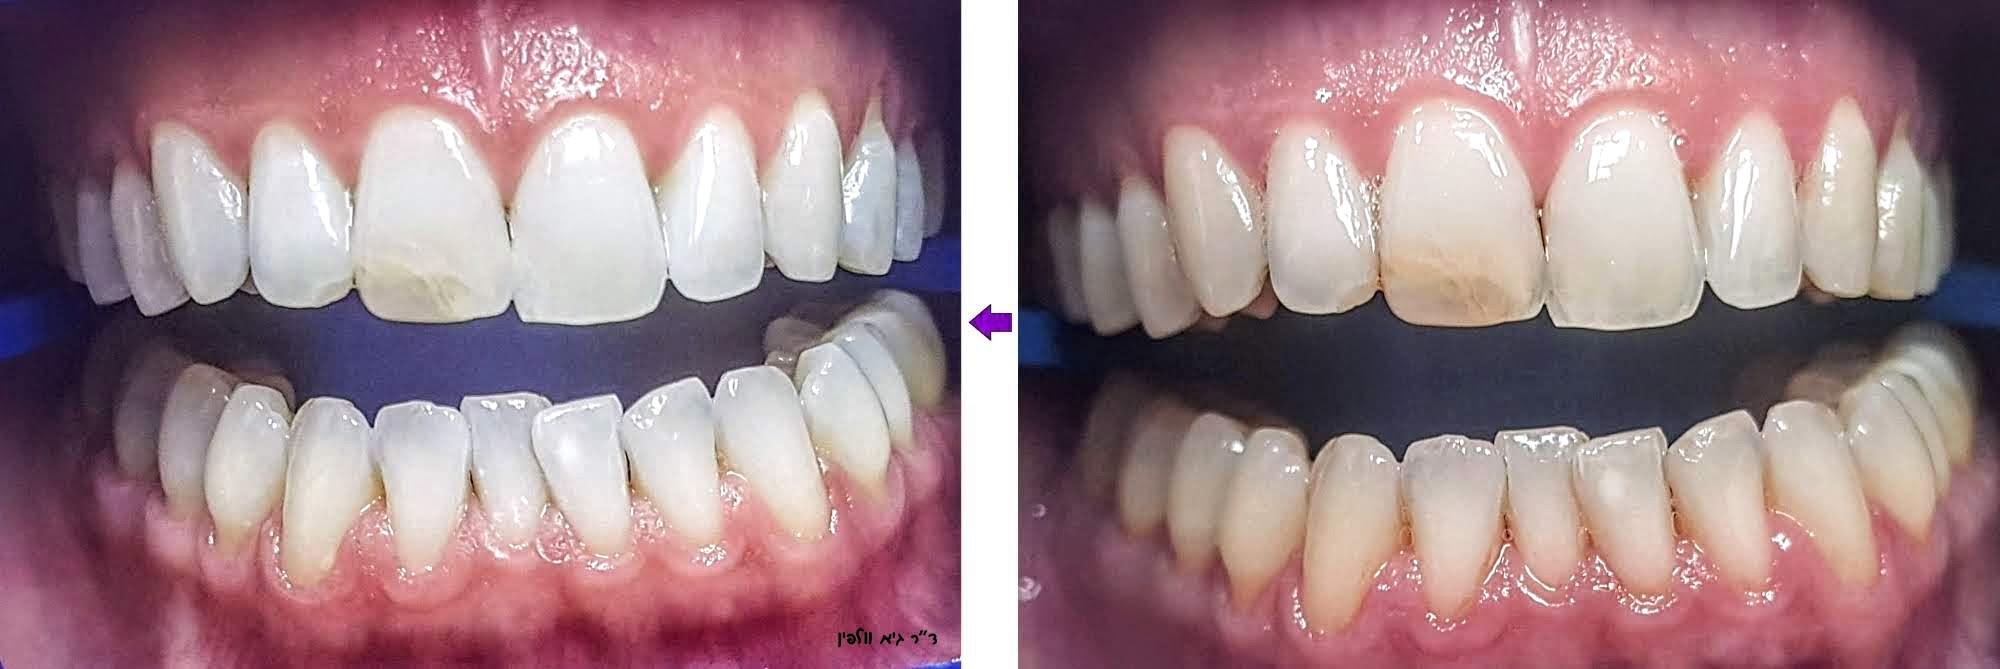 """הלבנת השיניים בצורה בטוחה ומהירה, תוך שעה במרפאה, ד""""ר גיא וולפיפן"""